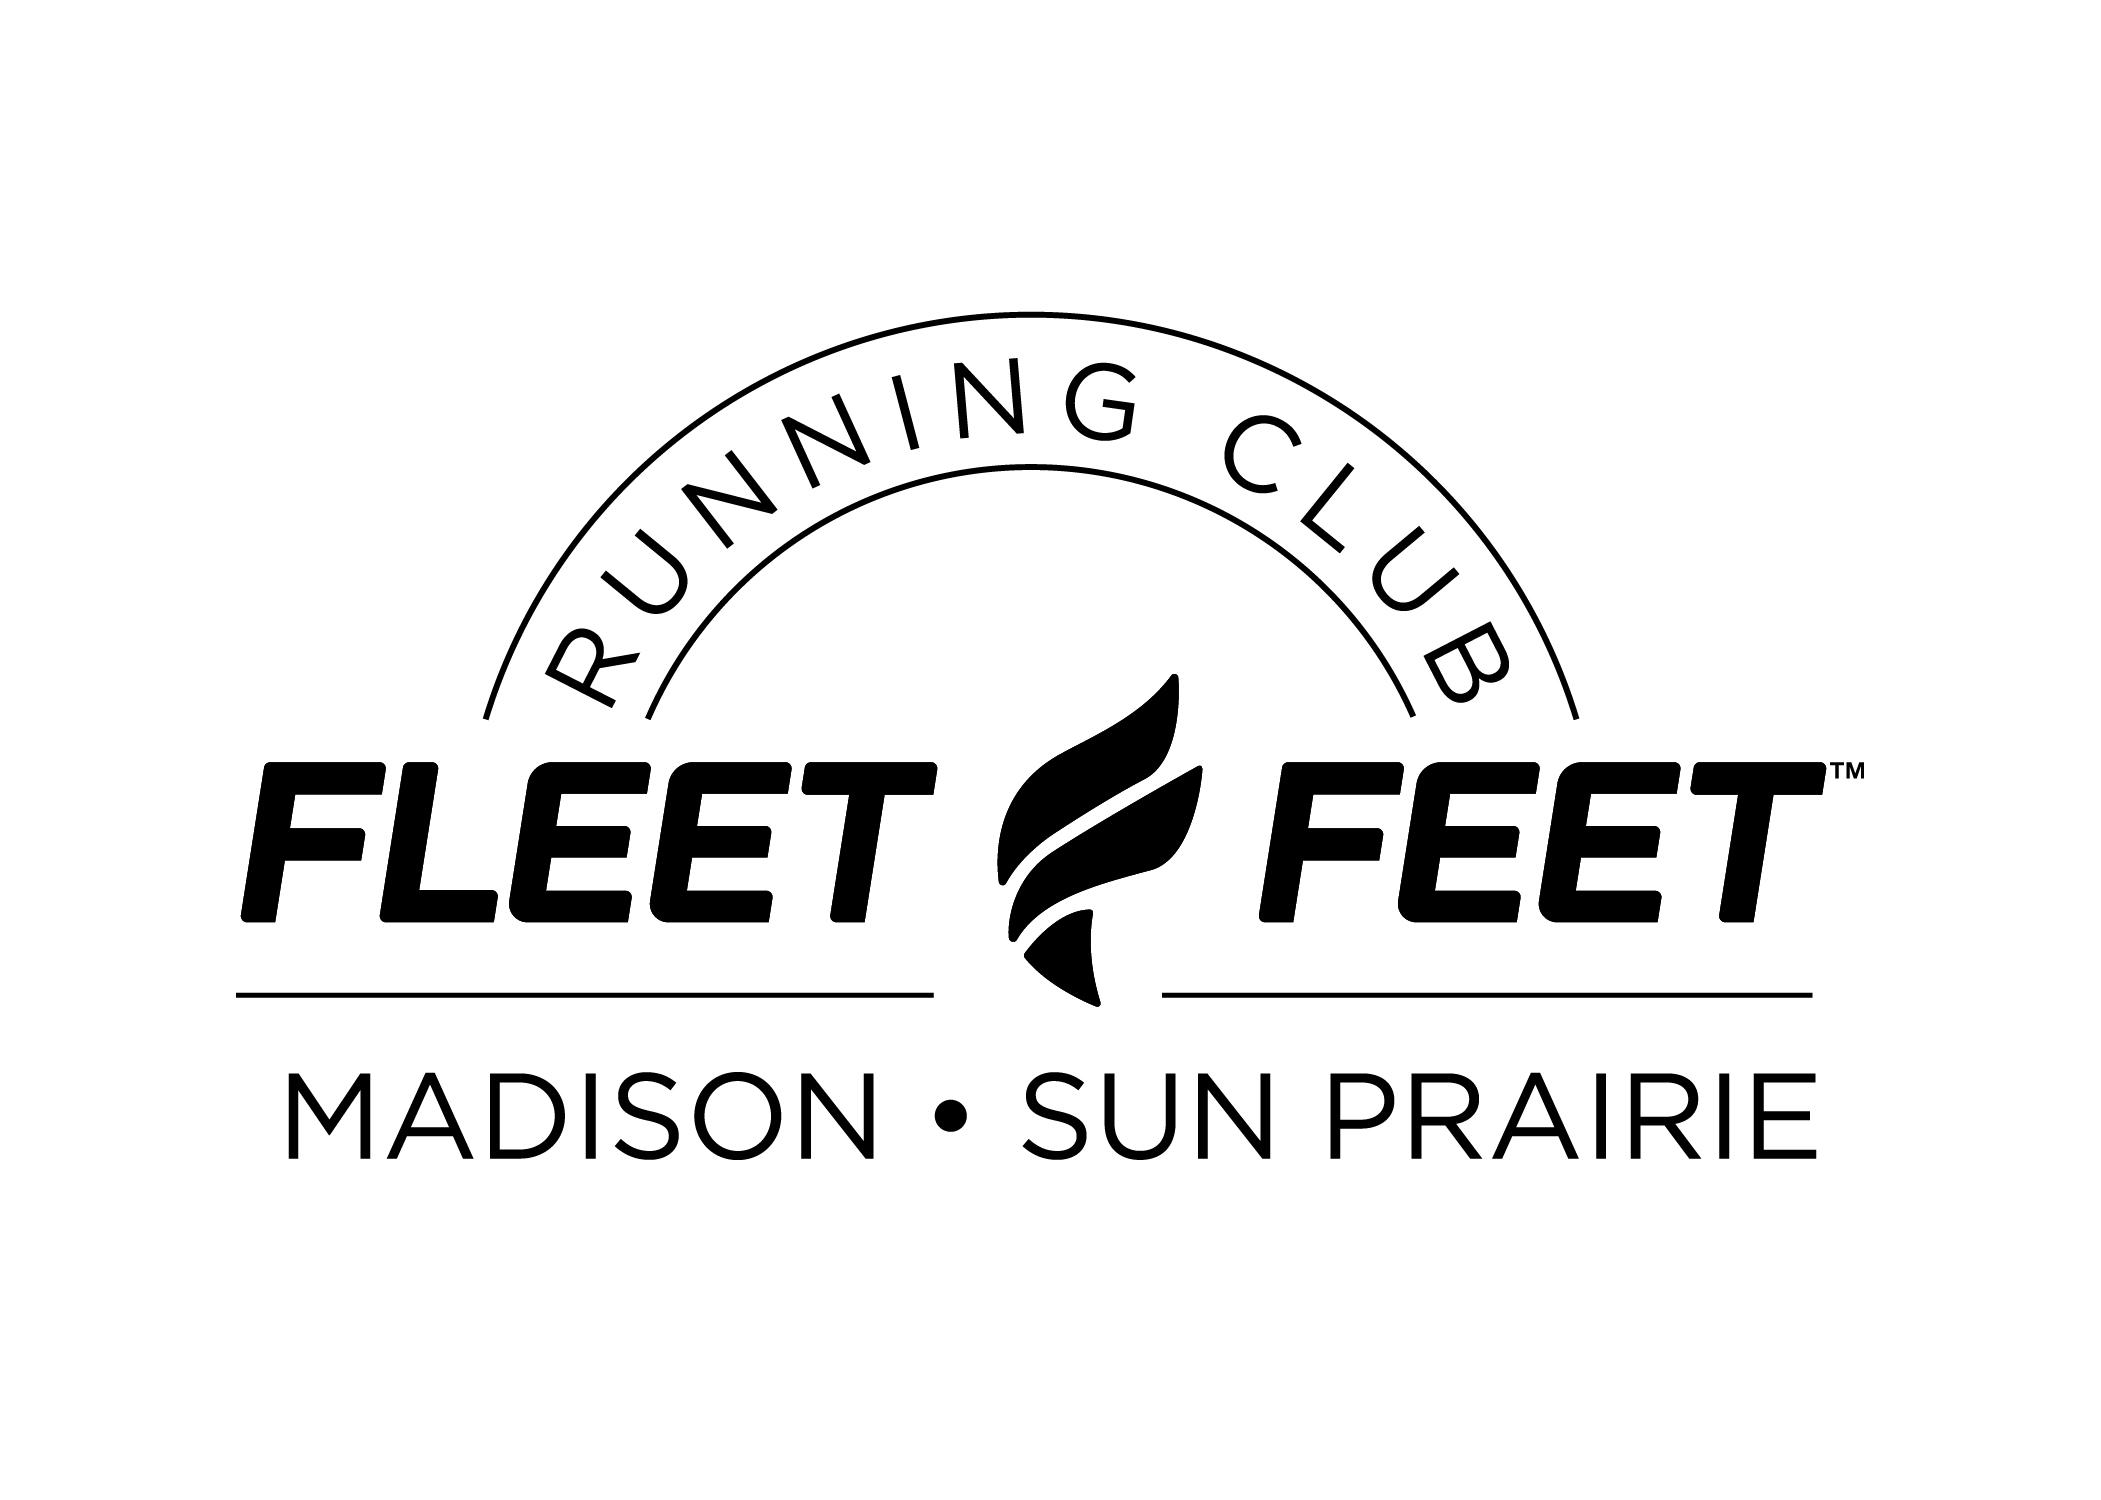 Fleet Feet Running Club Madison & Sun Prairie WI